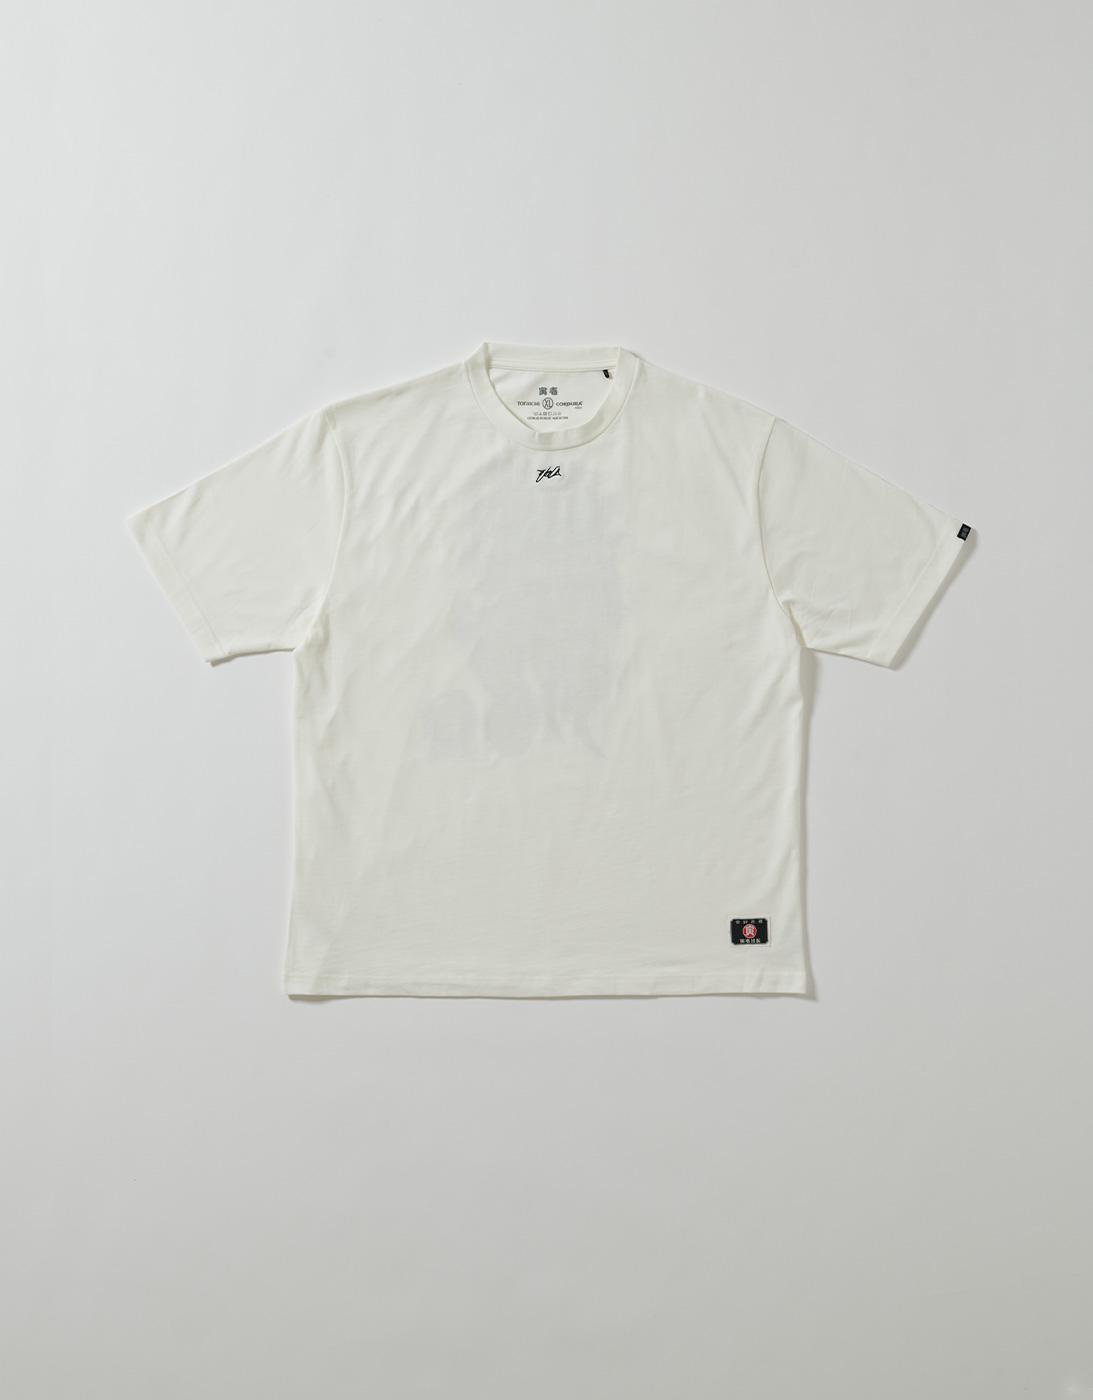 龍が如く WORK T-SHIRTS 9523-621 WHITE